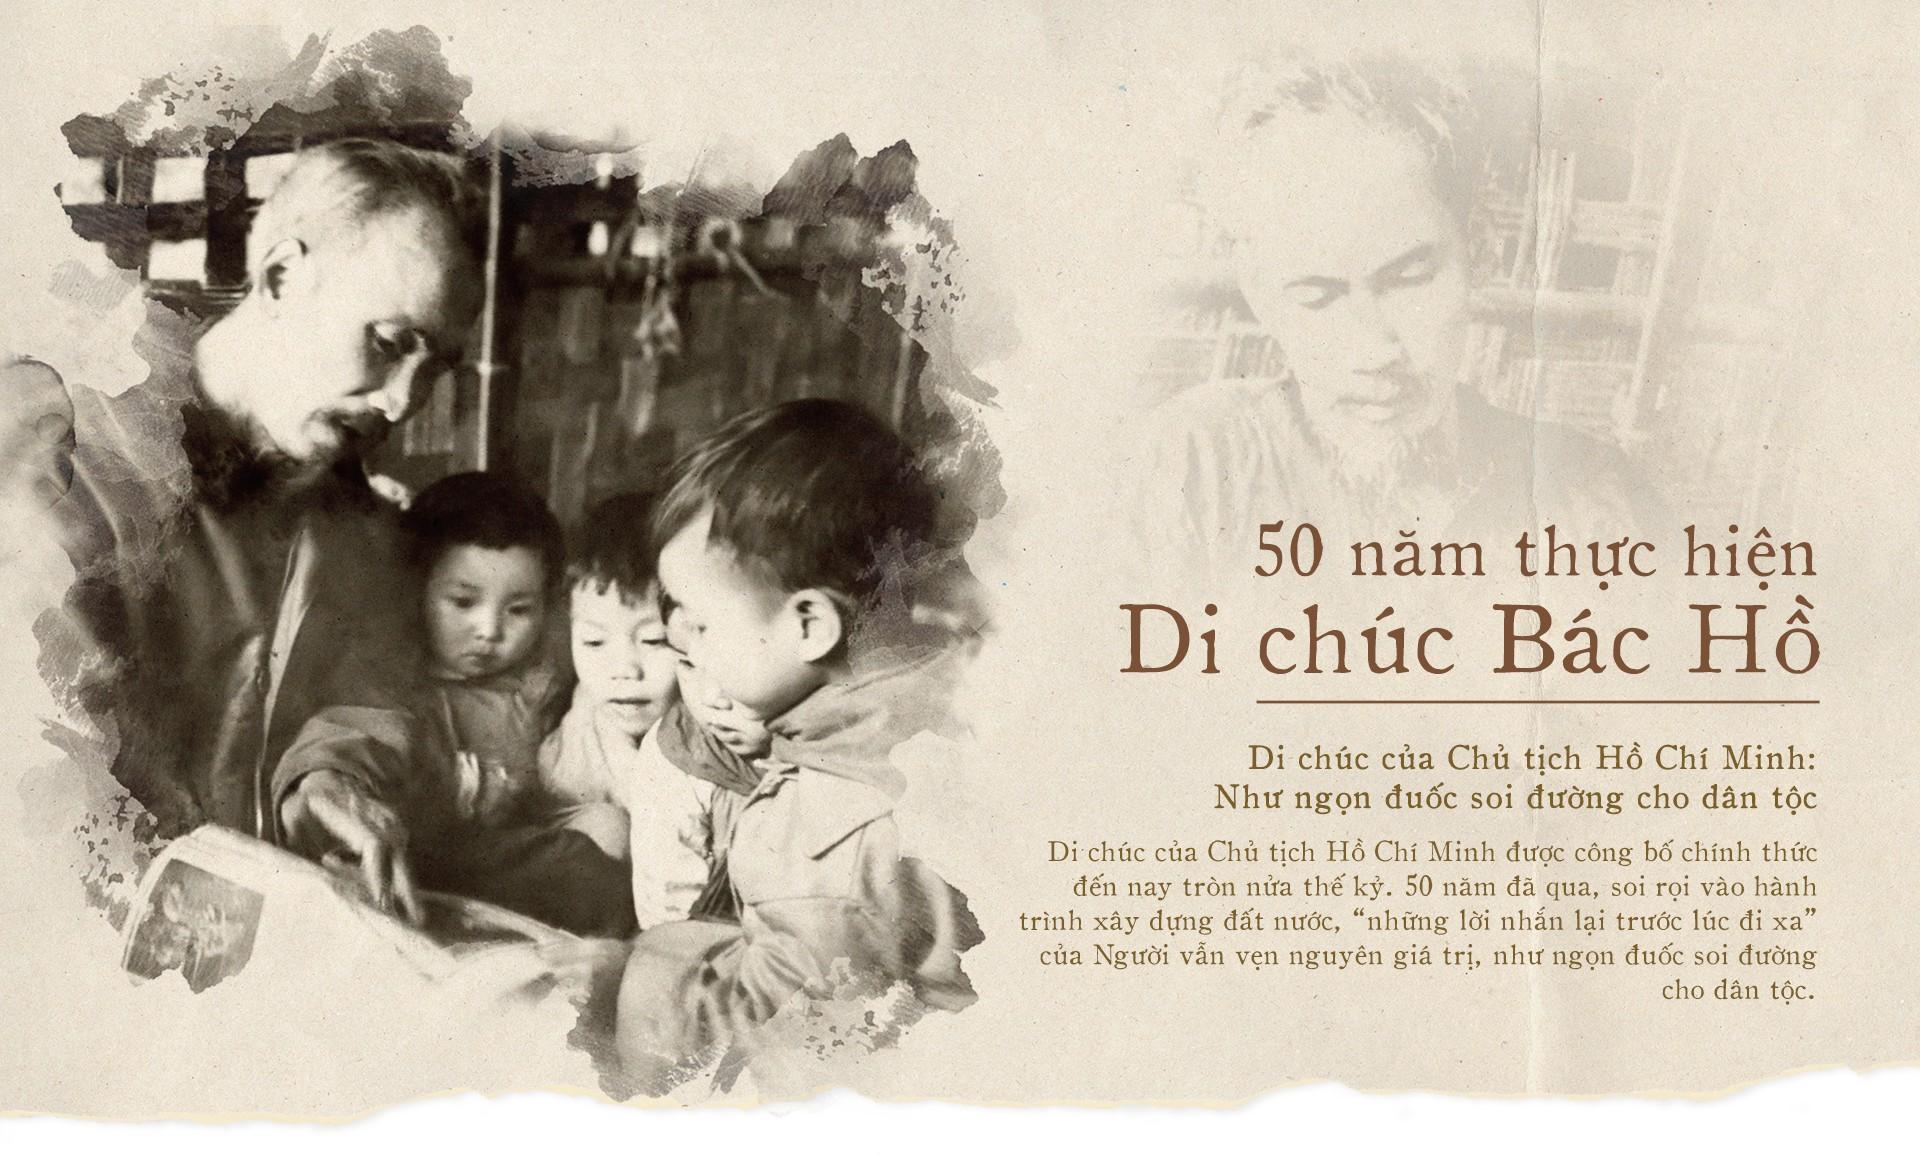 50 năm thực hiện lời dặn đầu tiên trong Di chúc thiêng liêng của Bác